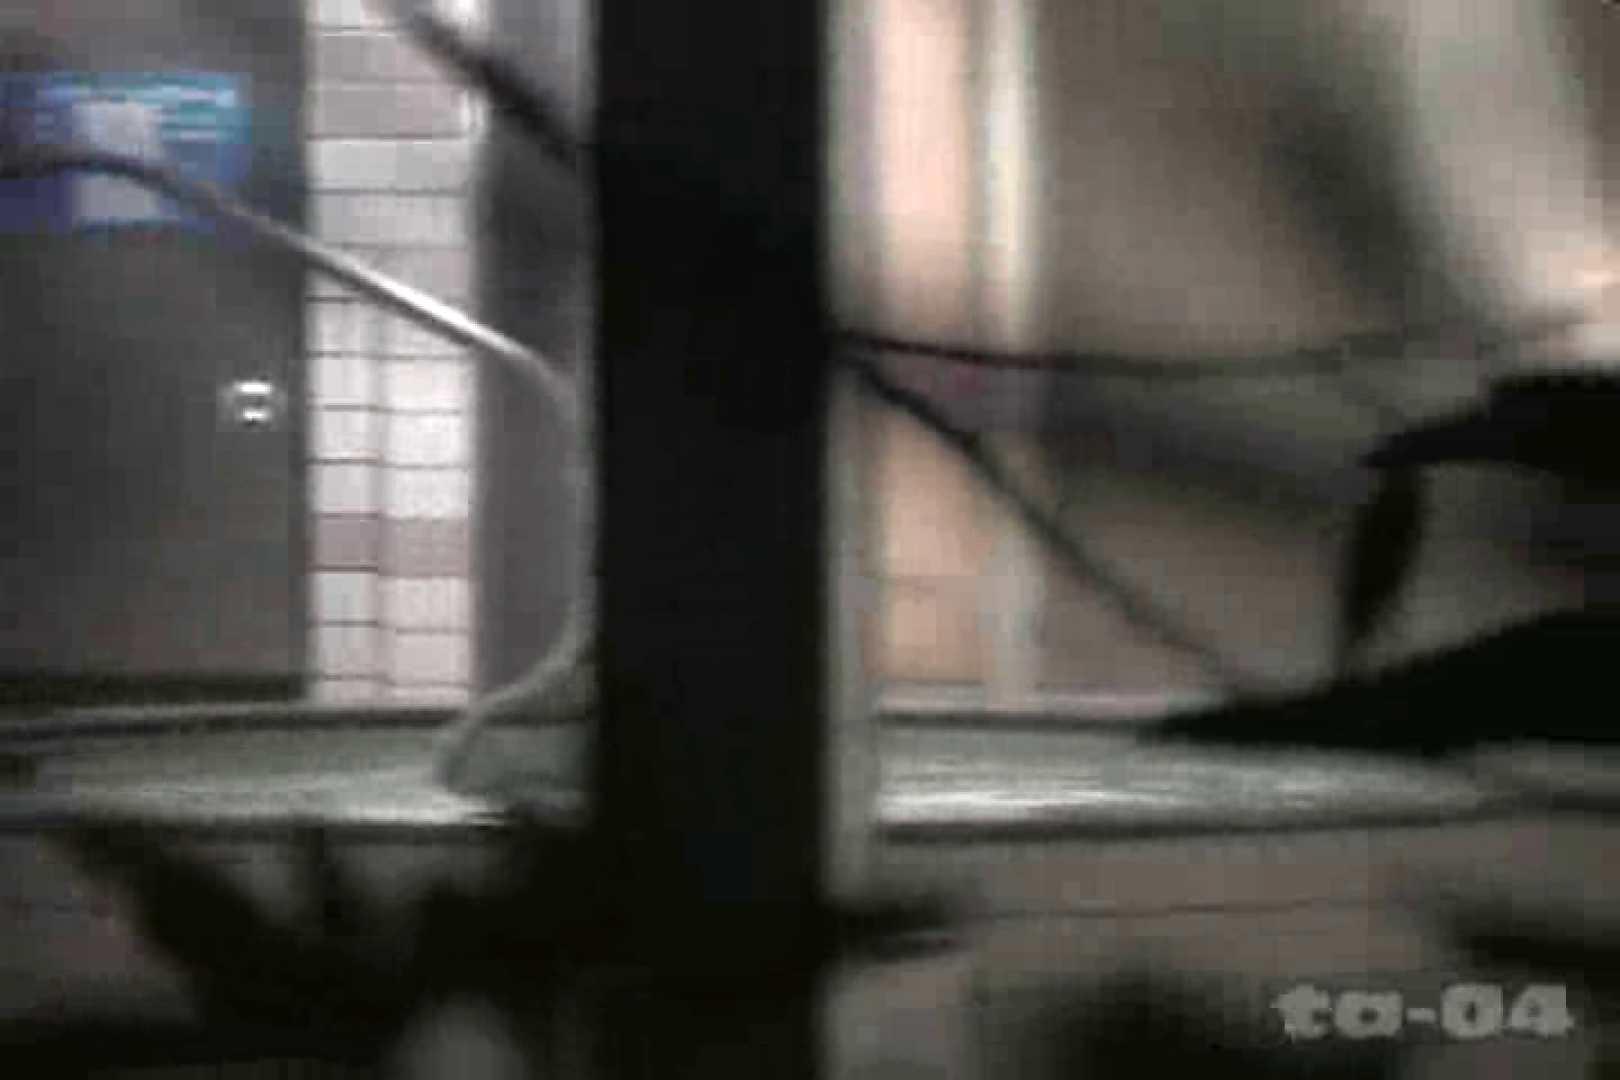 合宿ホテル女風呂盗撮高画質版 Vol.04 ホテルで絶頂 スケベ動画紹介 83画像 38